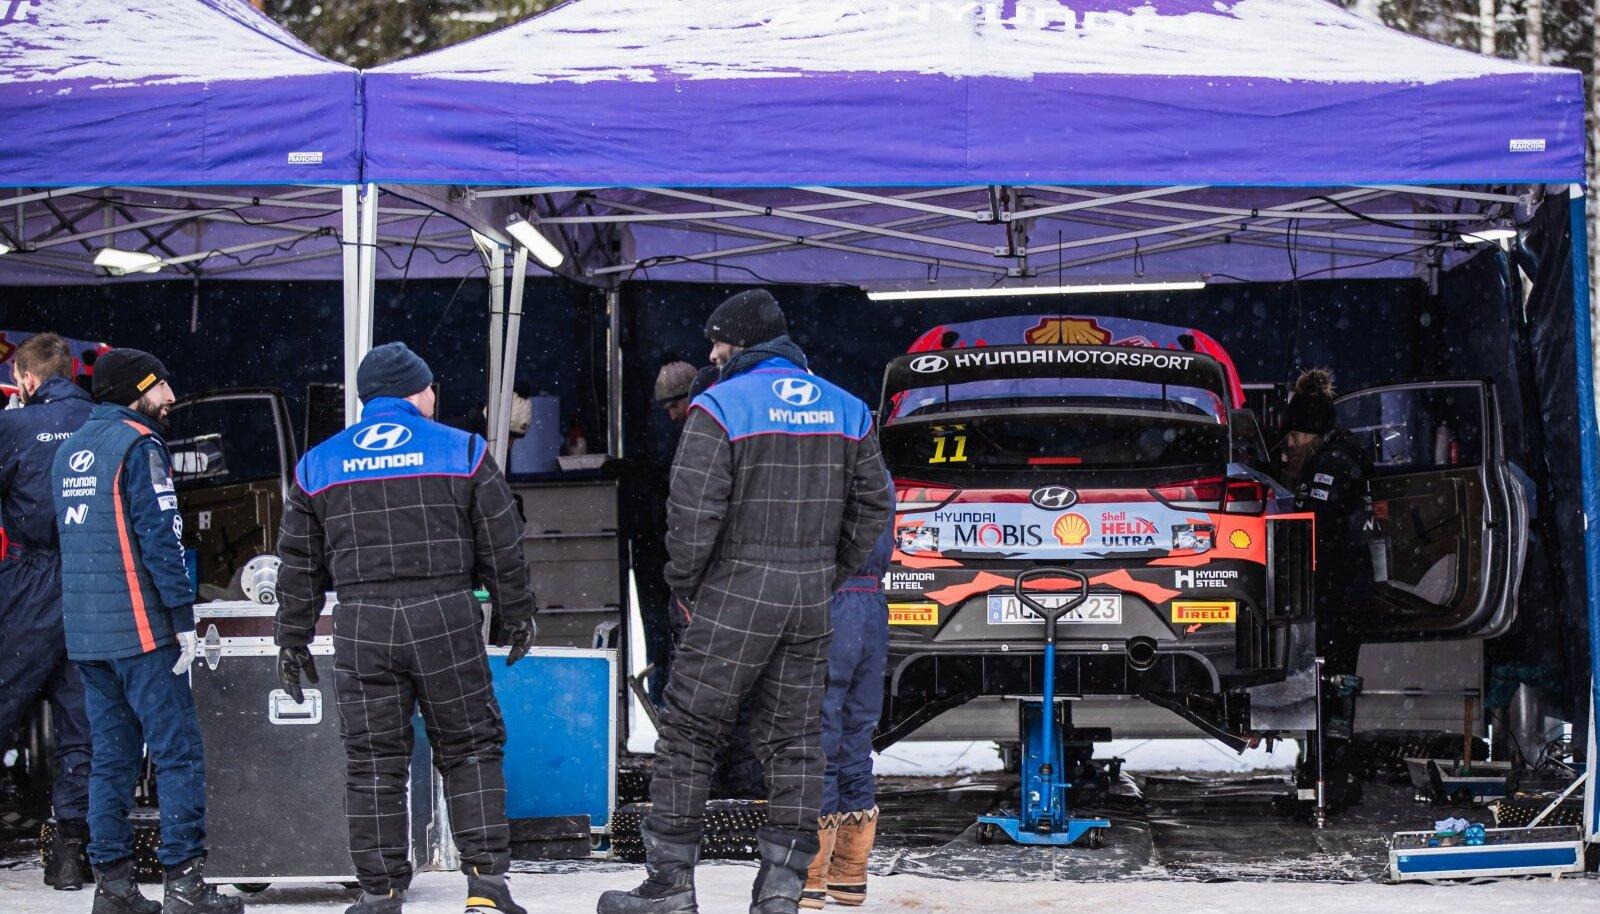 Hyundai meeskond Otepää talverallil.